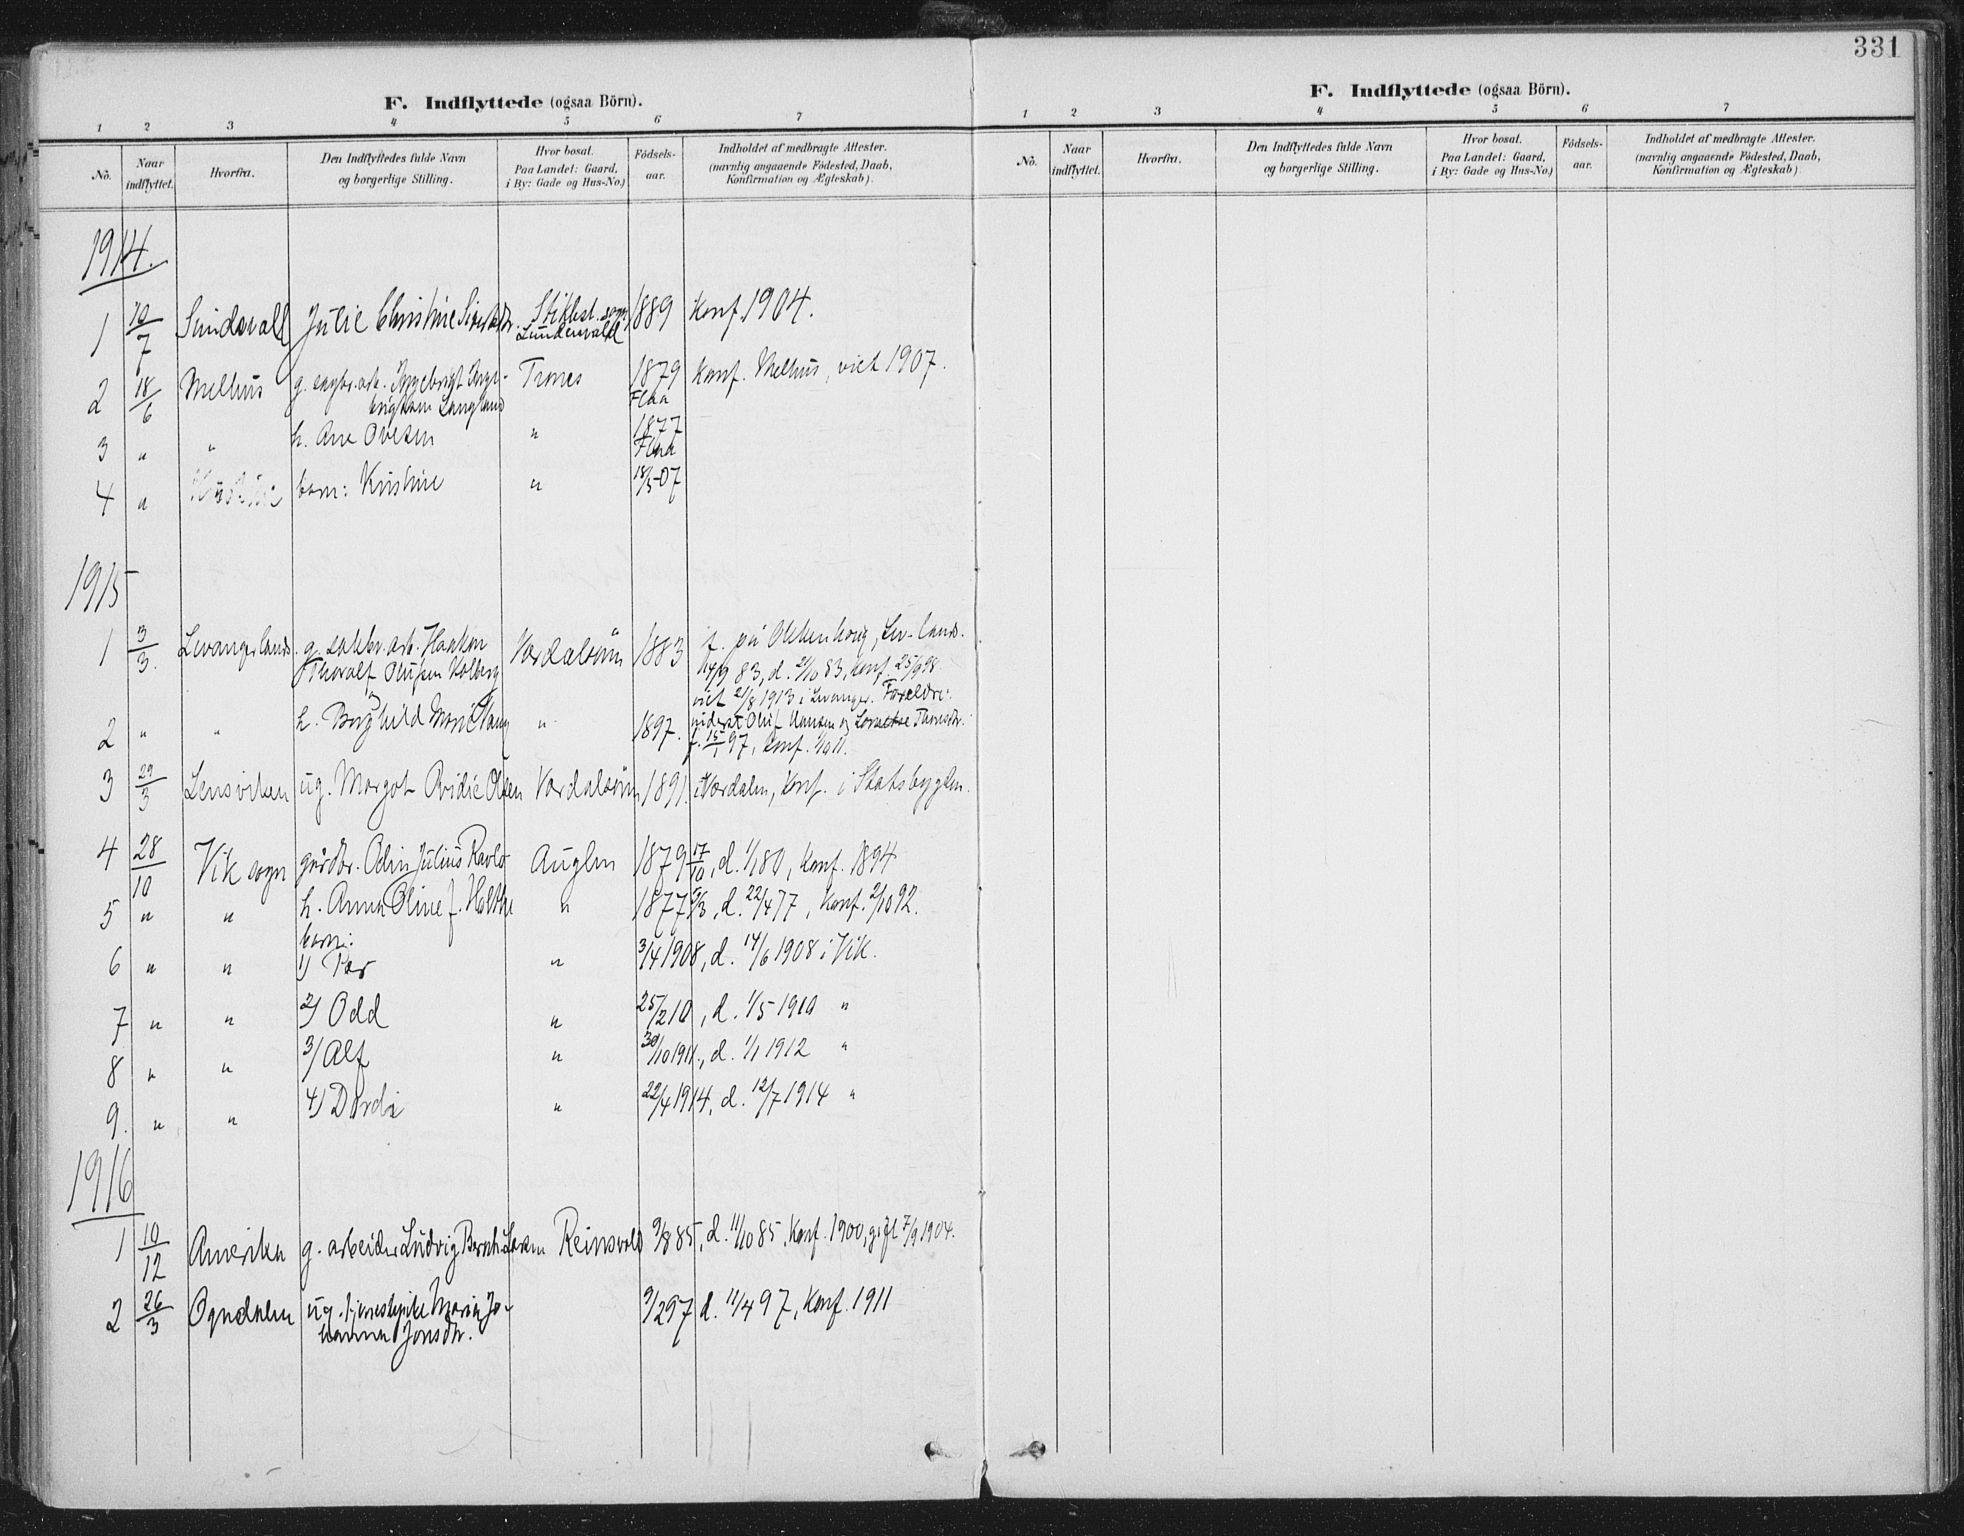 SAT, Ministerialprotokoller, klokkerbøker og fødselsregistre - Nord-Trøndelag, 723/L0246: Ministerialbok nr. 723A15, 1900-1917, s. 331